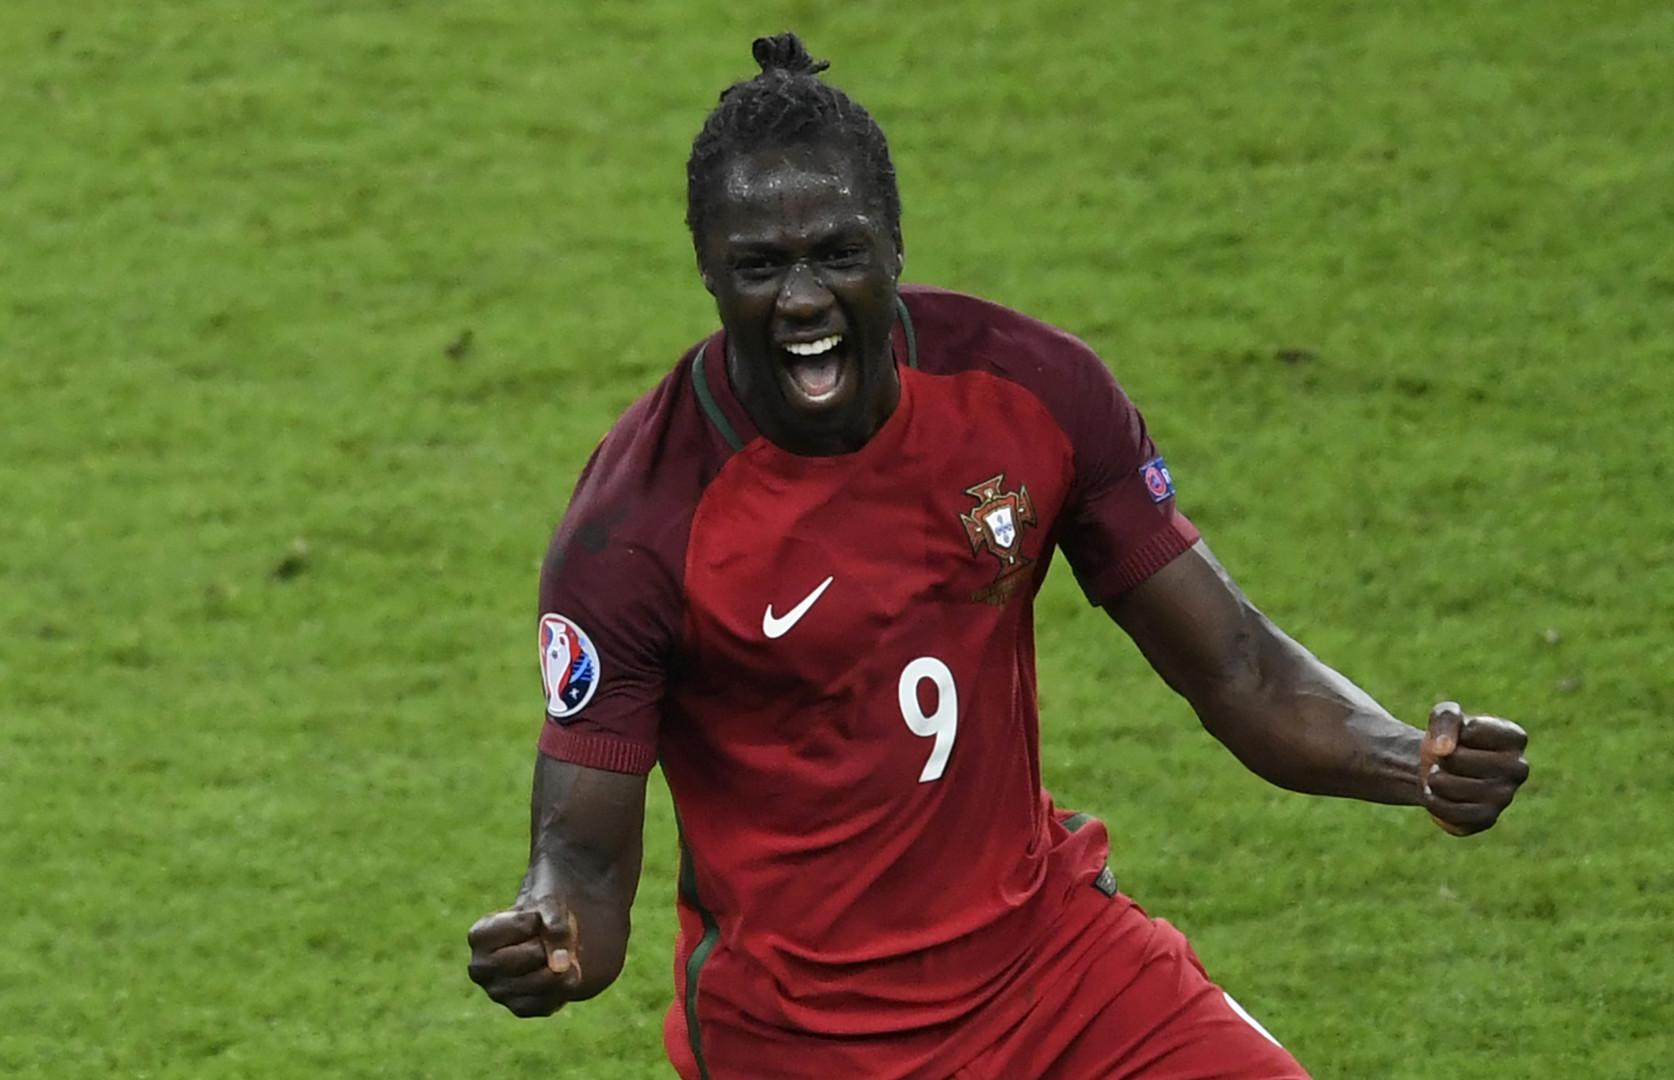 La France battue en finale de l'Euro 2016, «la déception est immense»